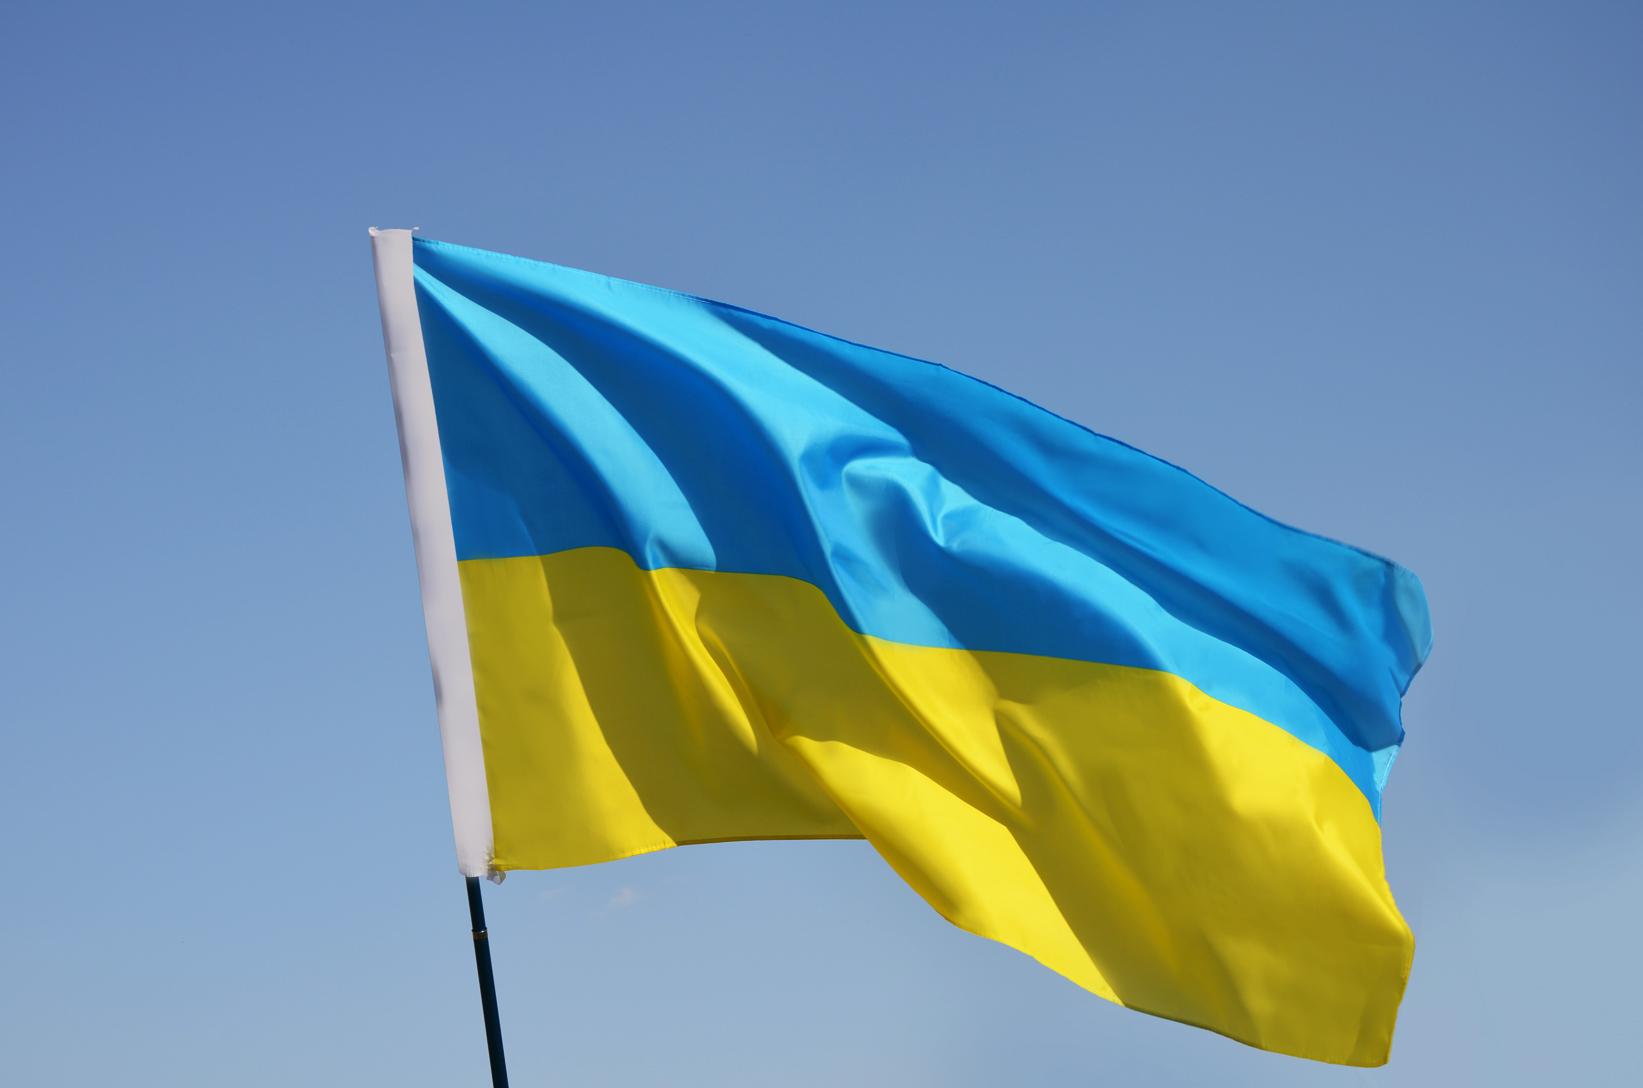 Внимание!!! От сегодняшнего дня в Украине будет действовать чрезвычайный режим